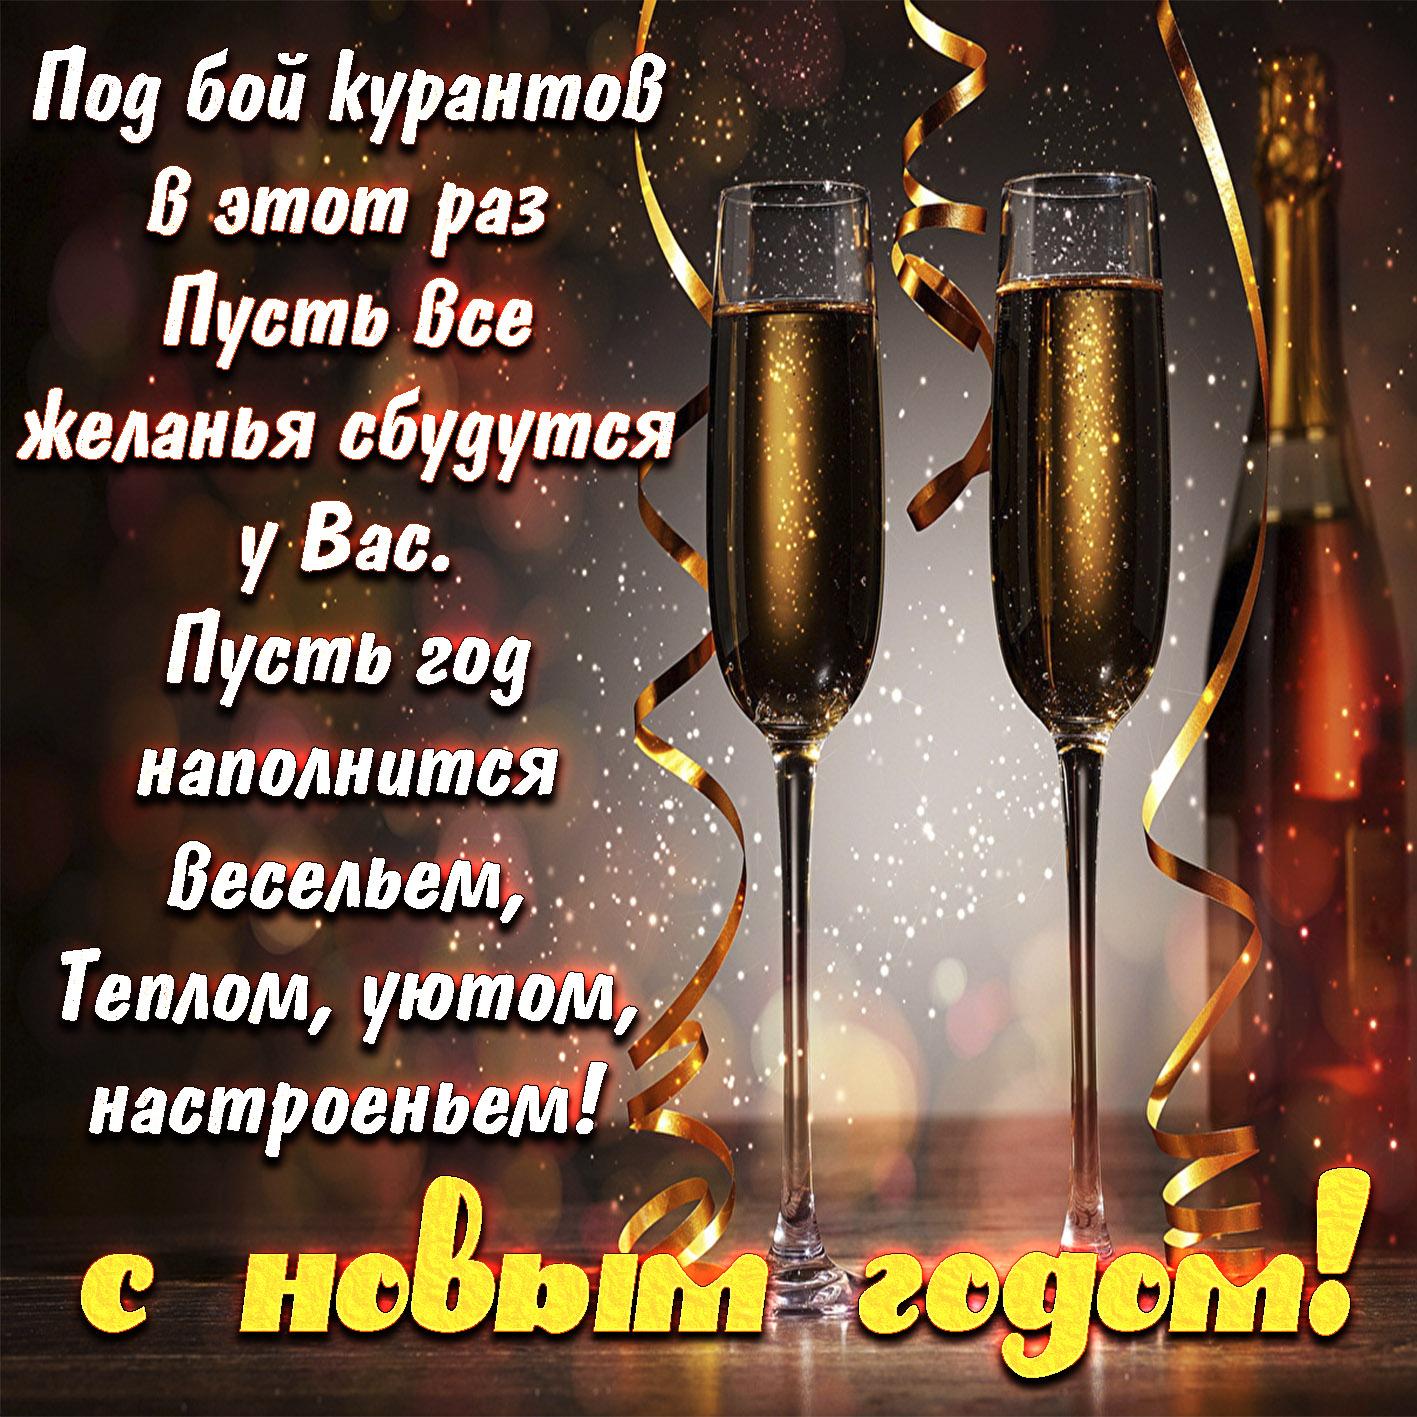 Открытка - пожелание на Новый год на фоне фужеров